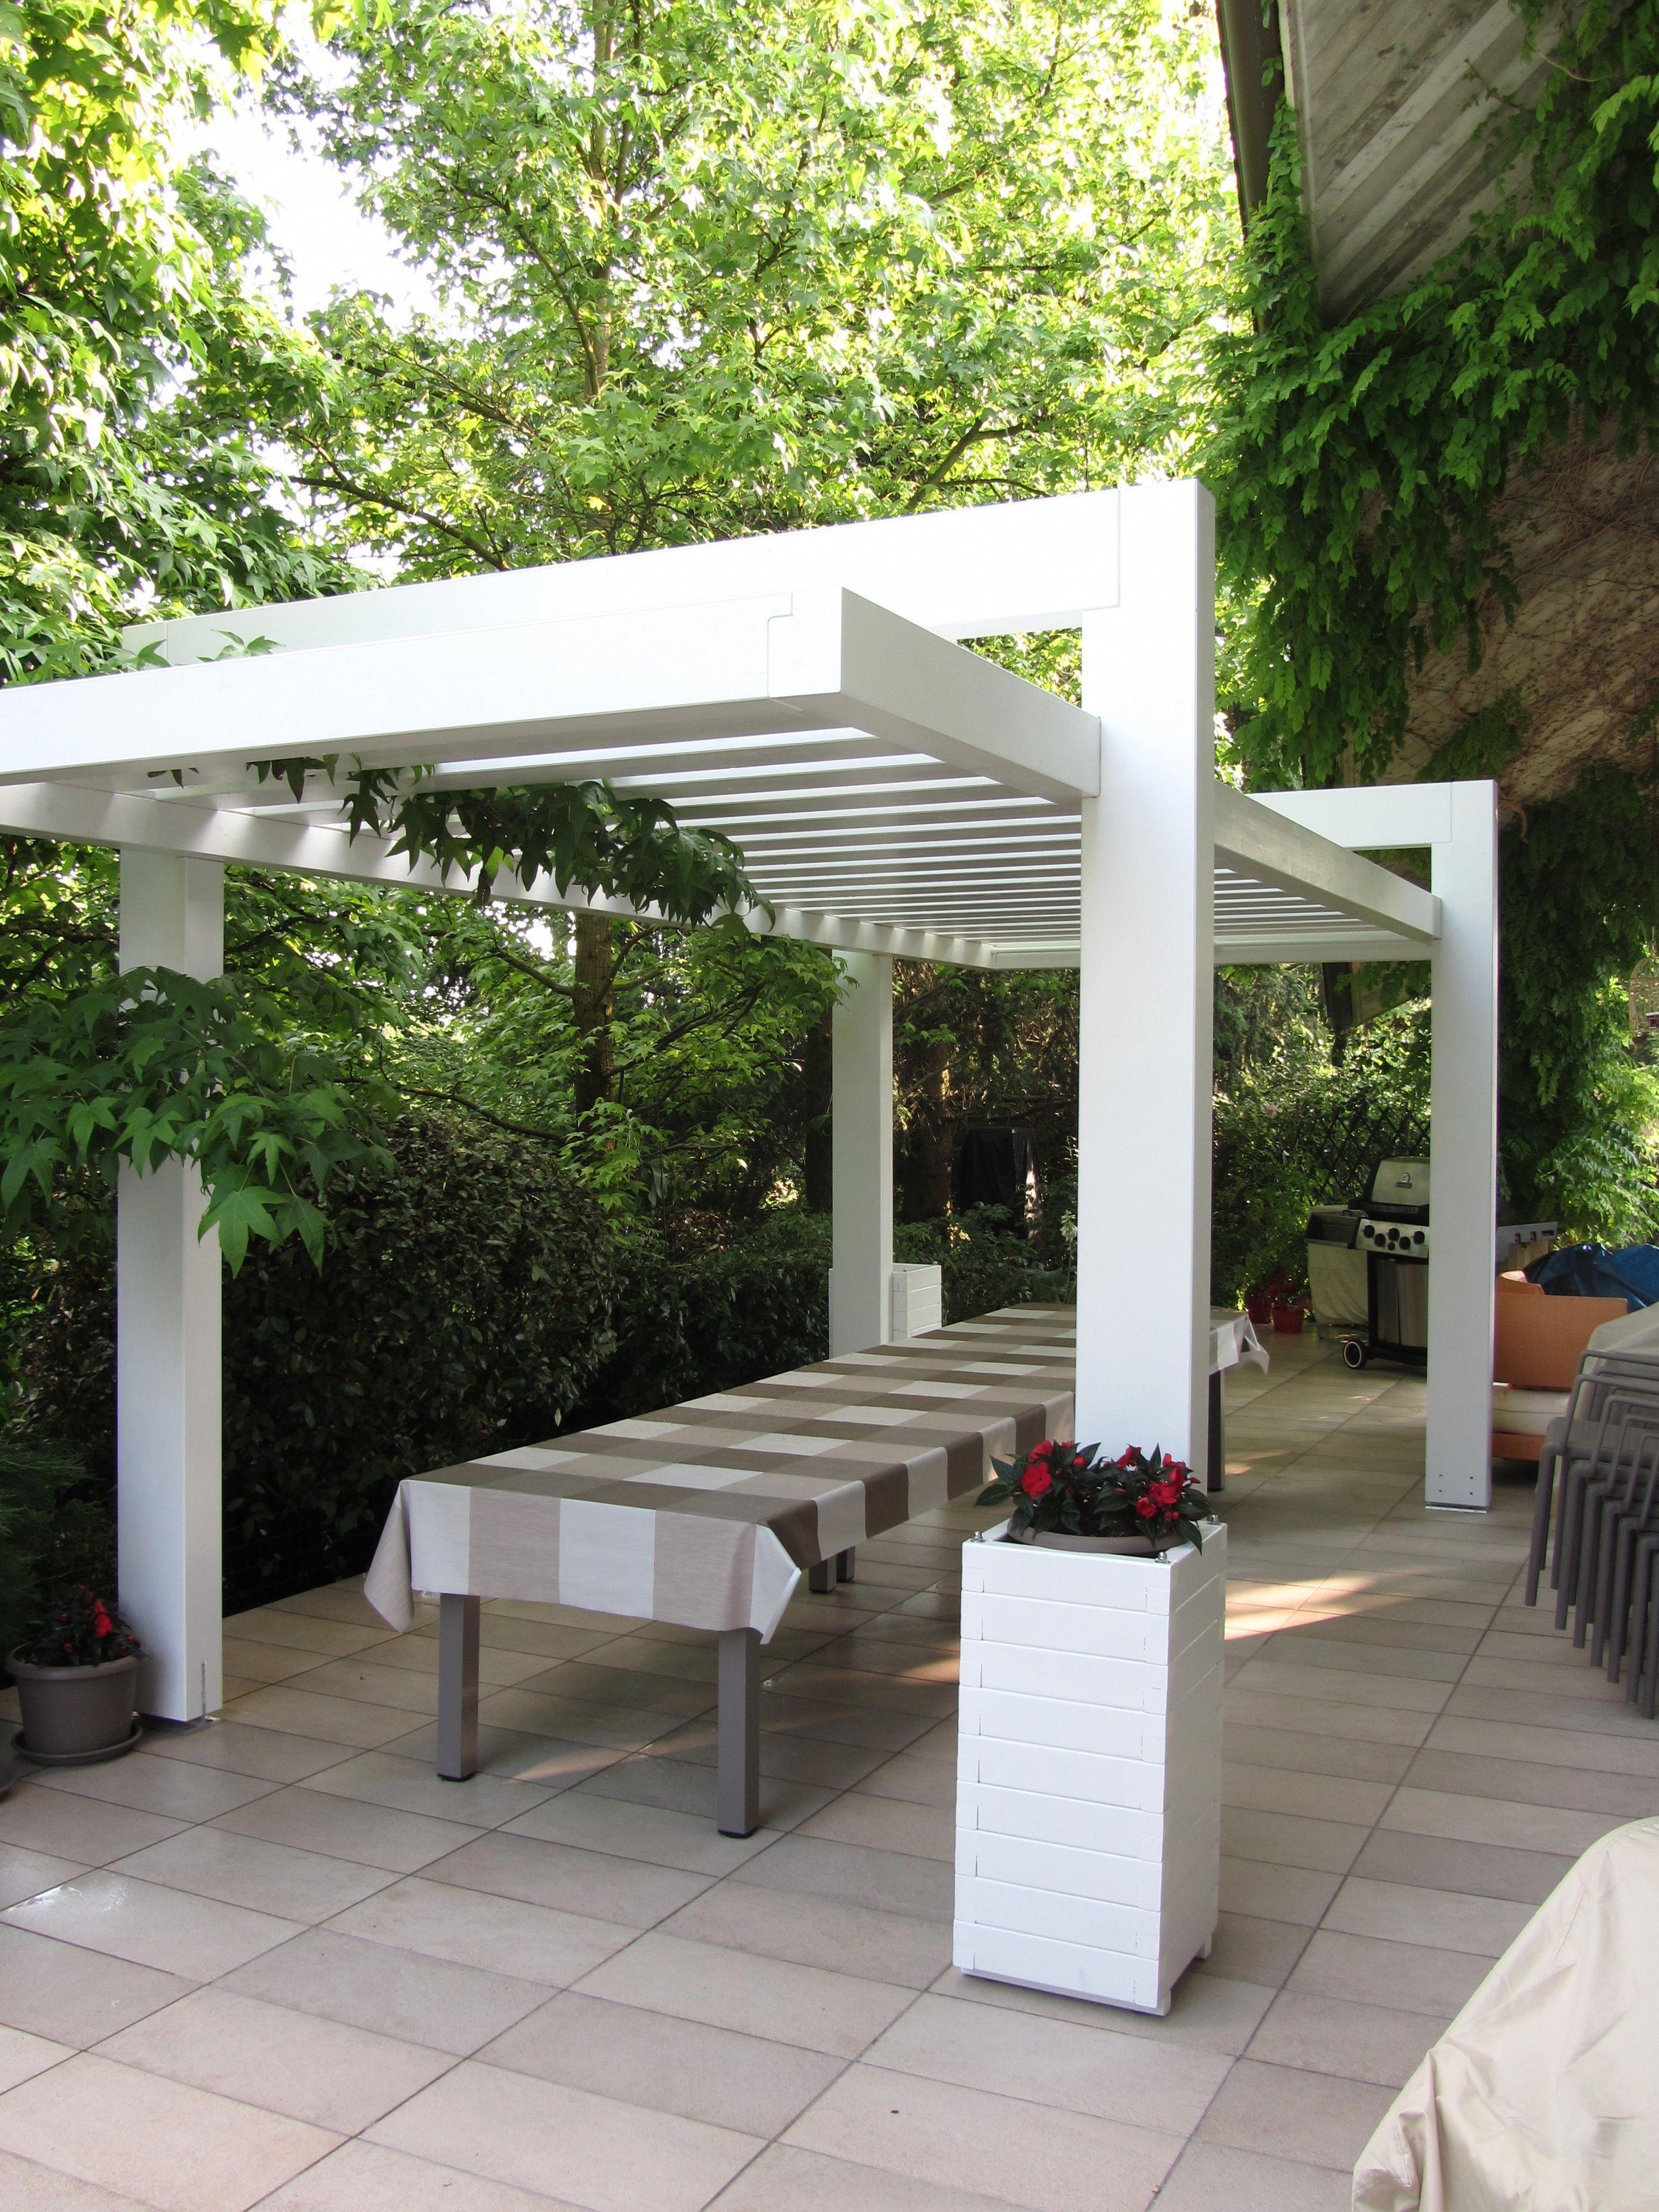 Pergola Design Software In 2020 Outdoor Pergola Aluminum Pergola Pergola Plans Design